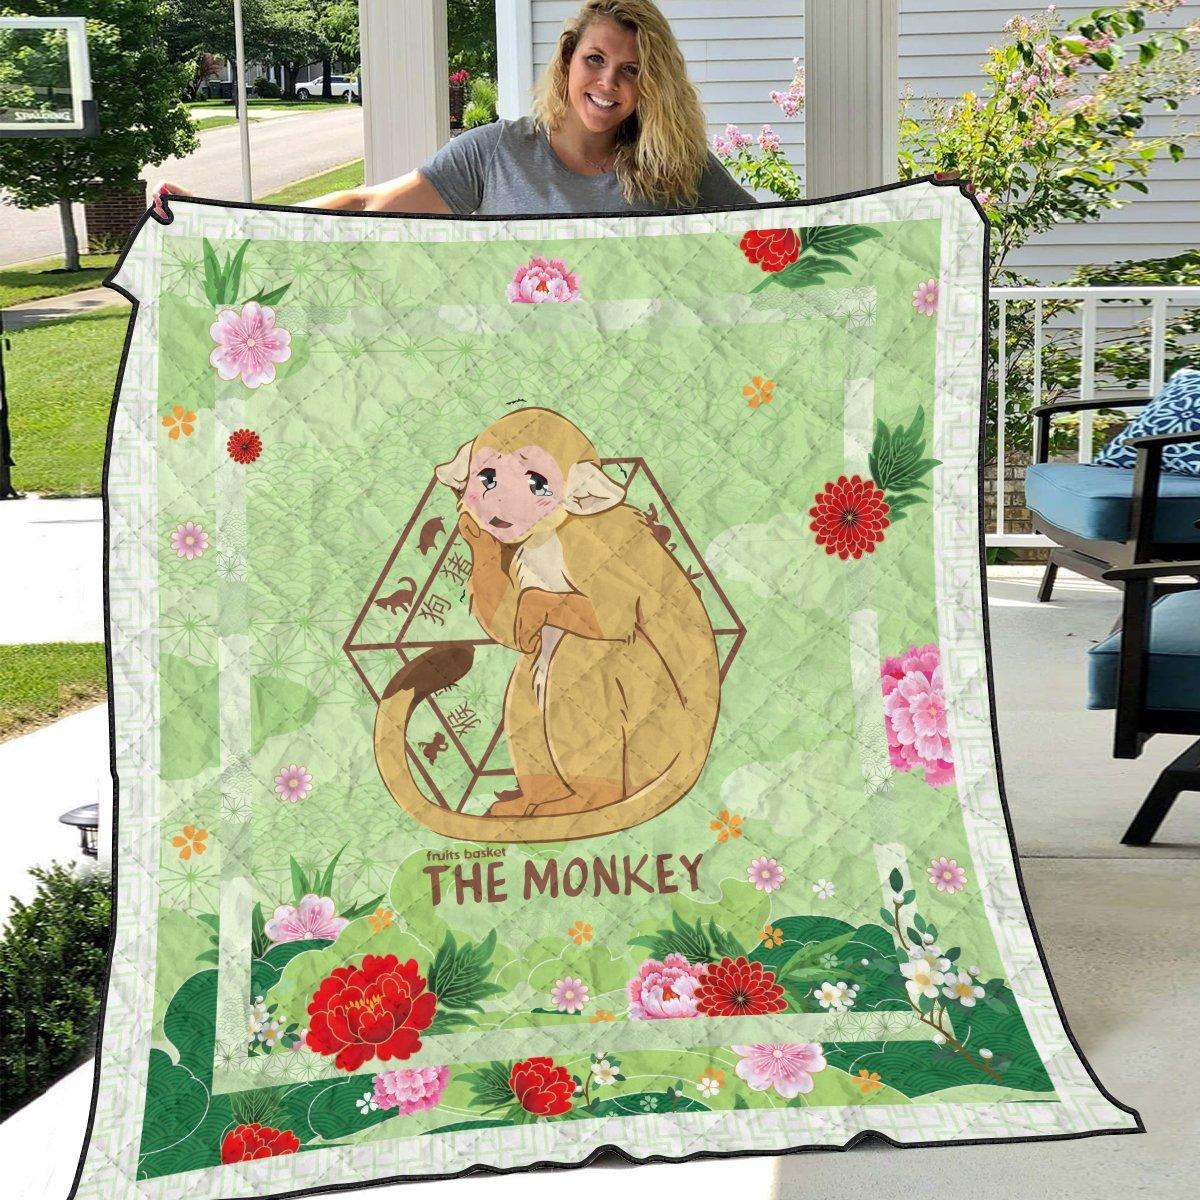 ritsu the monkey quilt blanket 254270 - Otaku Treat